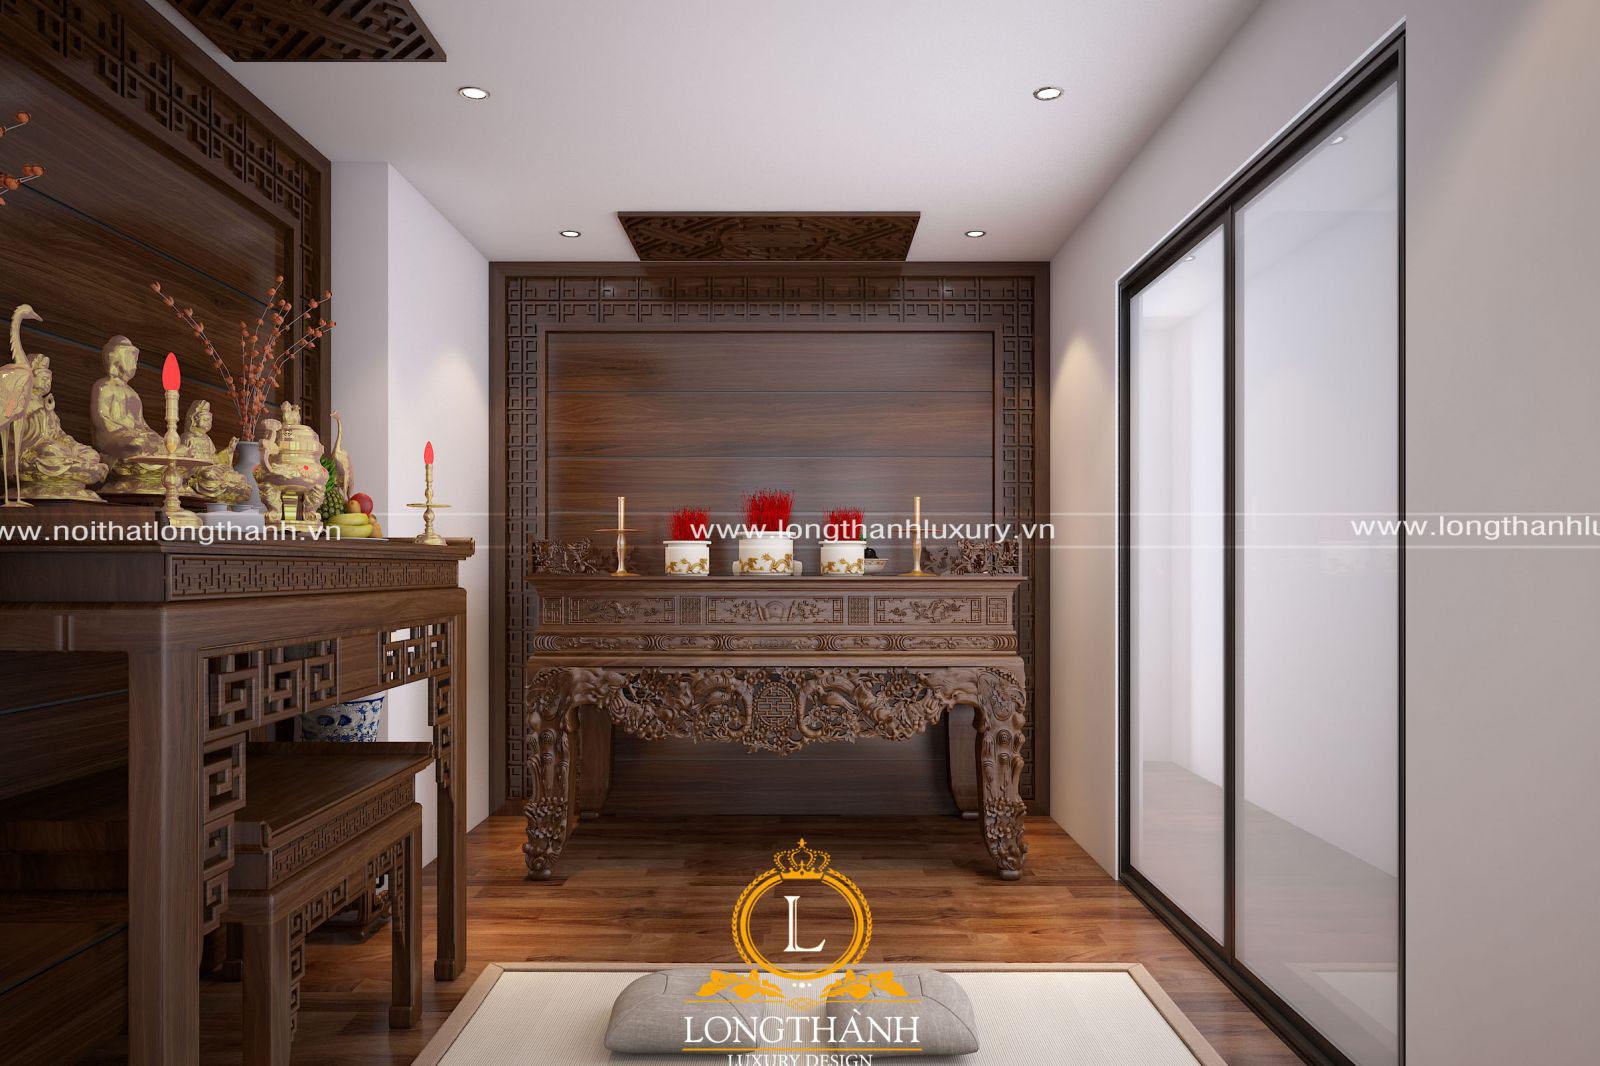 Thiết kế bàn thờ nhà chung cư với 2 phong cách cơ bản là tân cổ điển và hiện đại